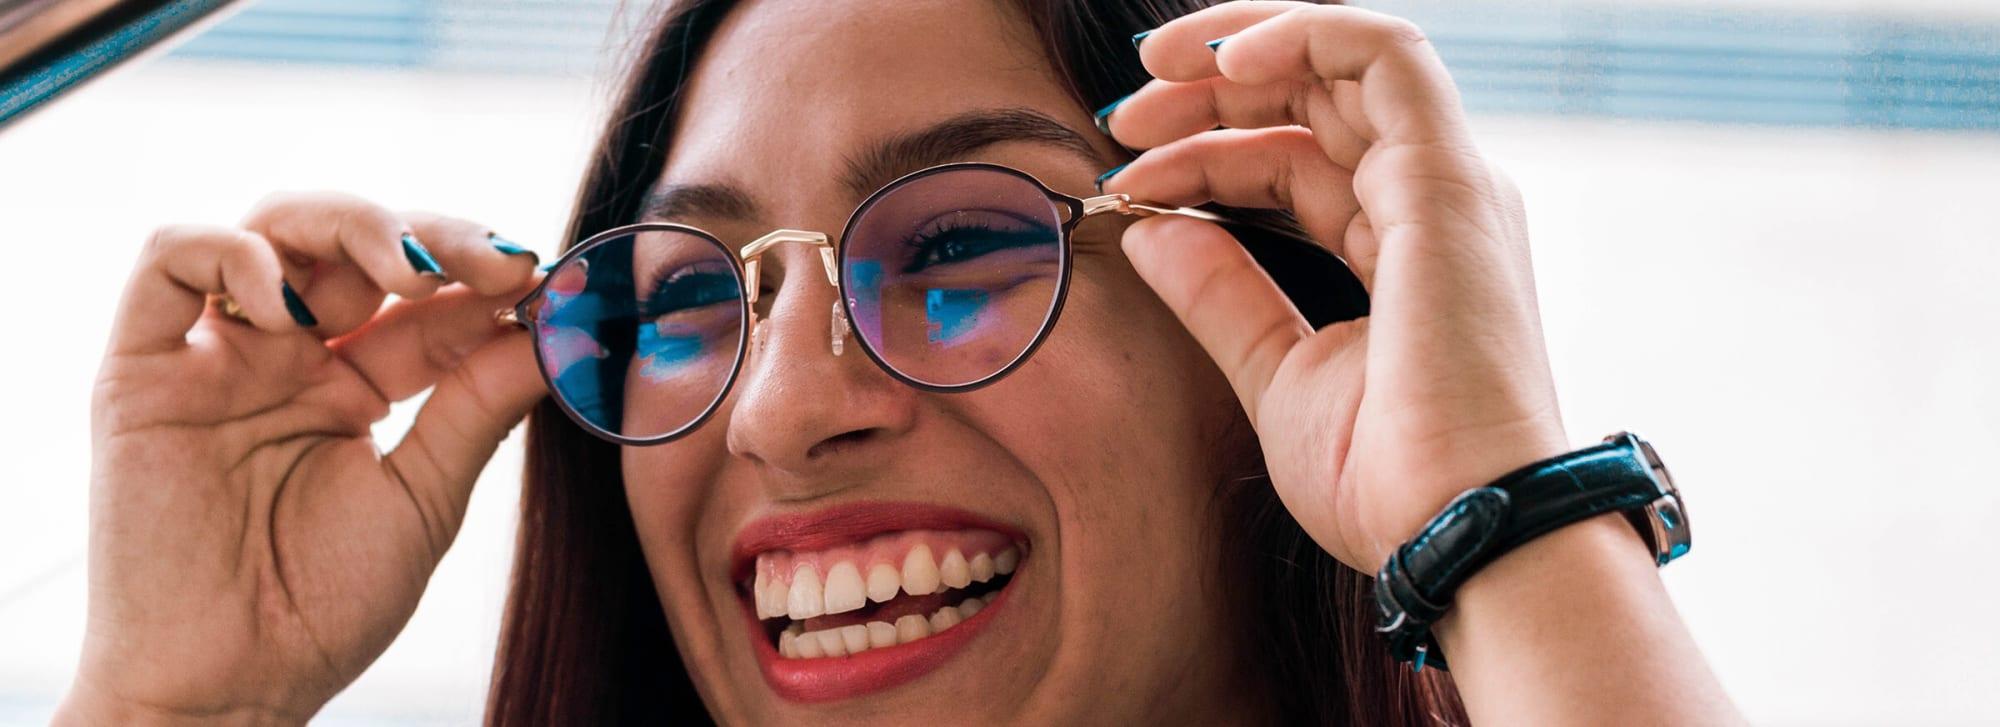 Välj glasögon efter ansiktsform